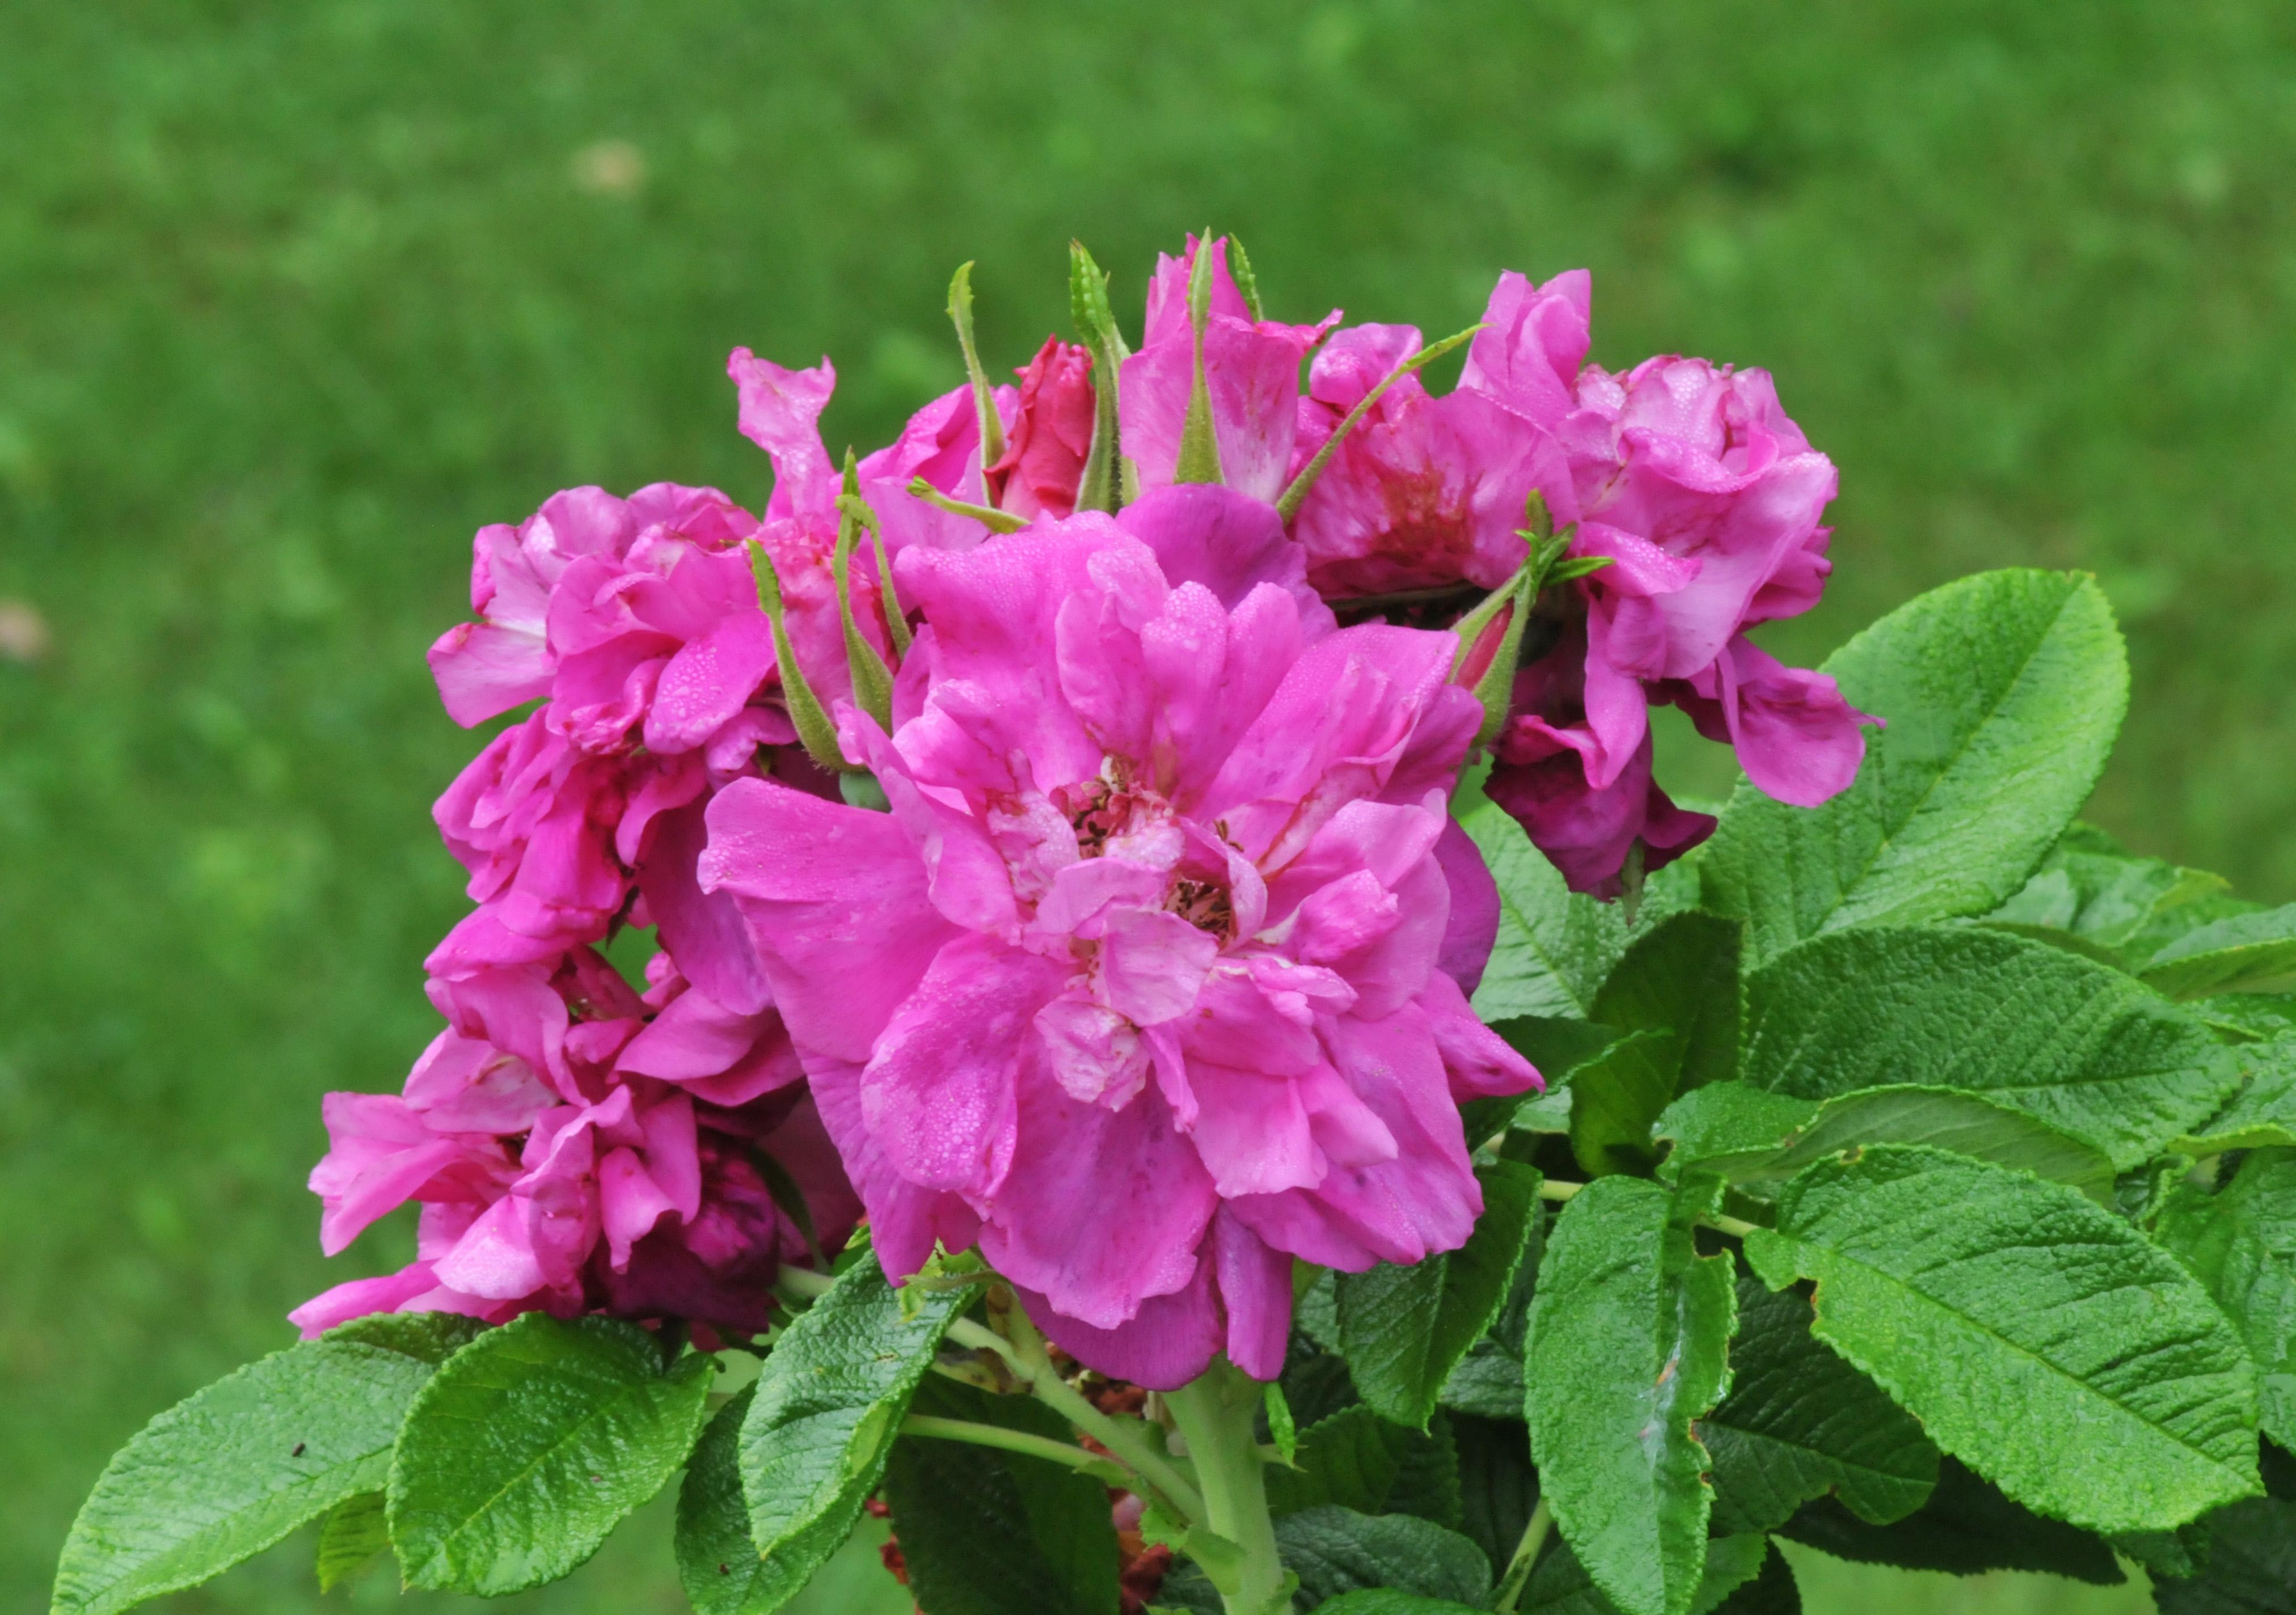 Rosé: Petals And Wings